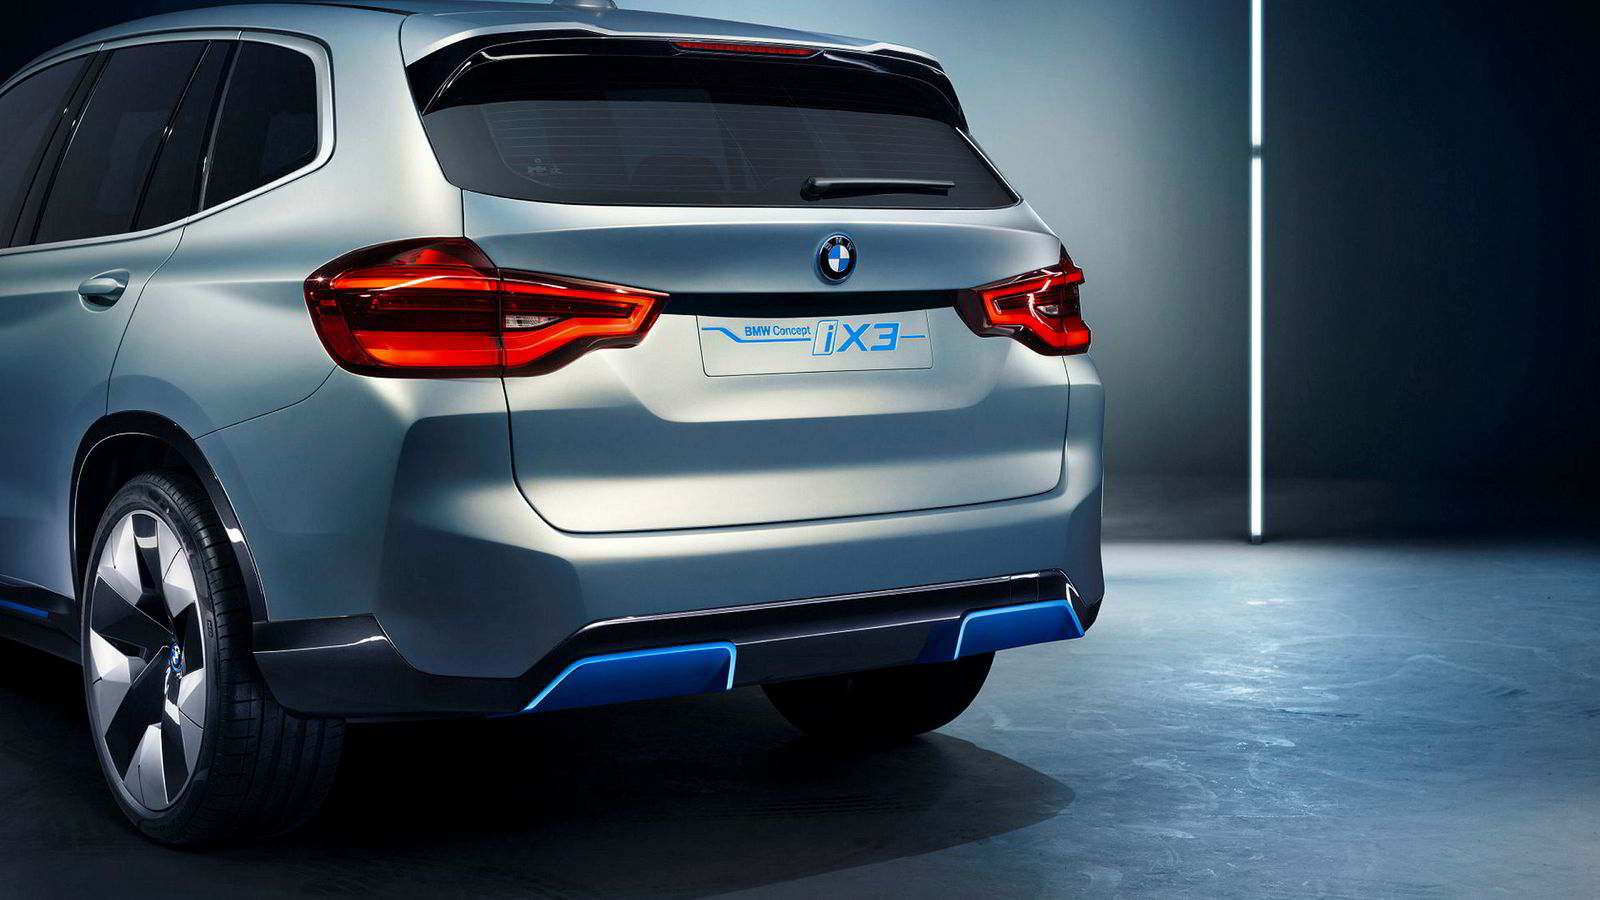 Endelig slipper BMW info om den elektriske iX3.